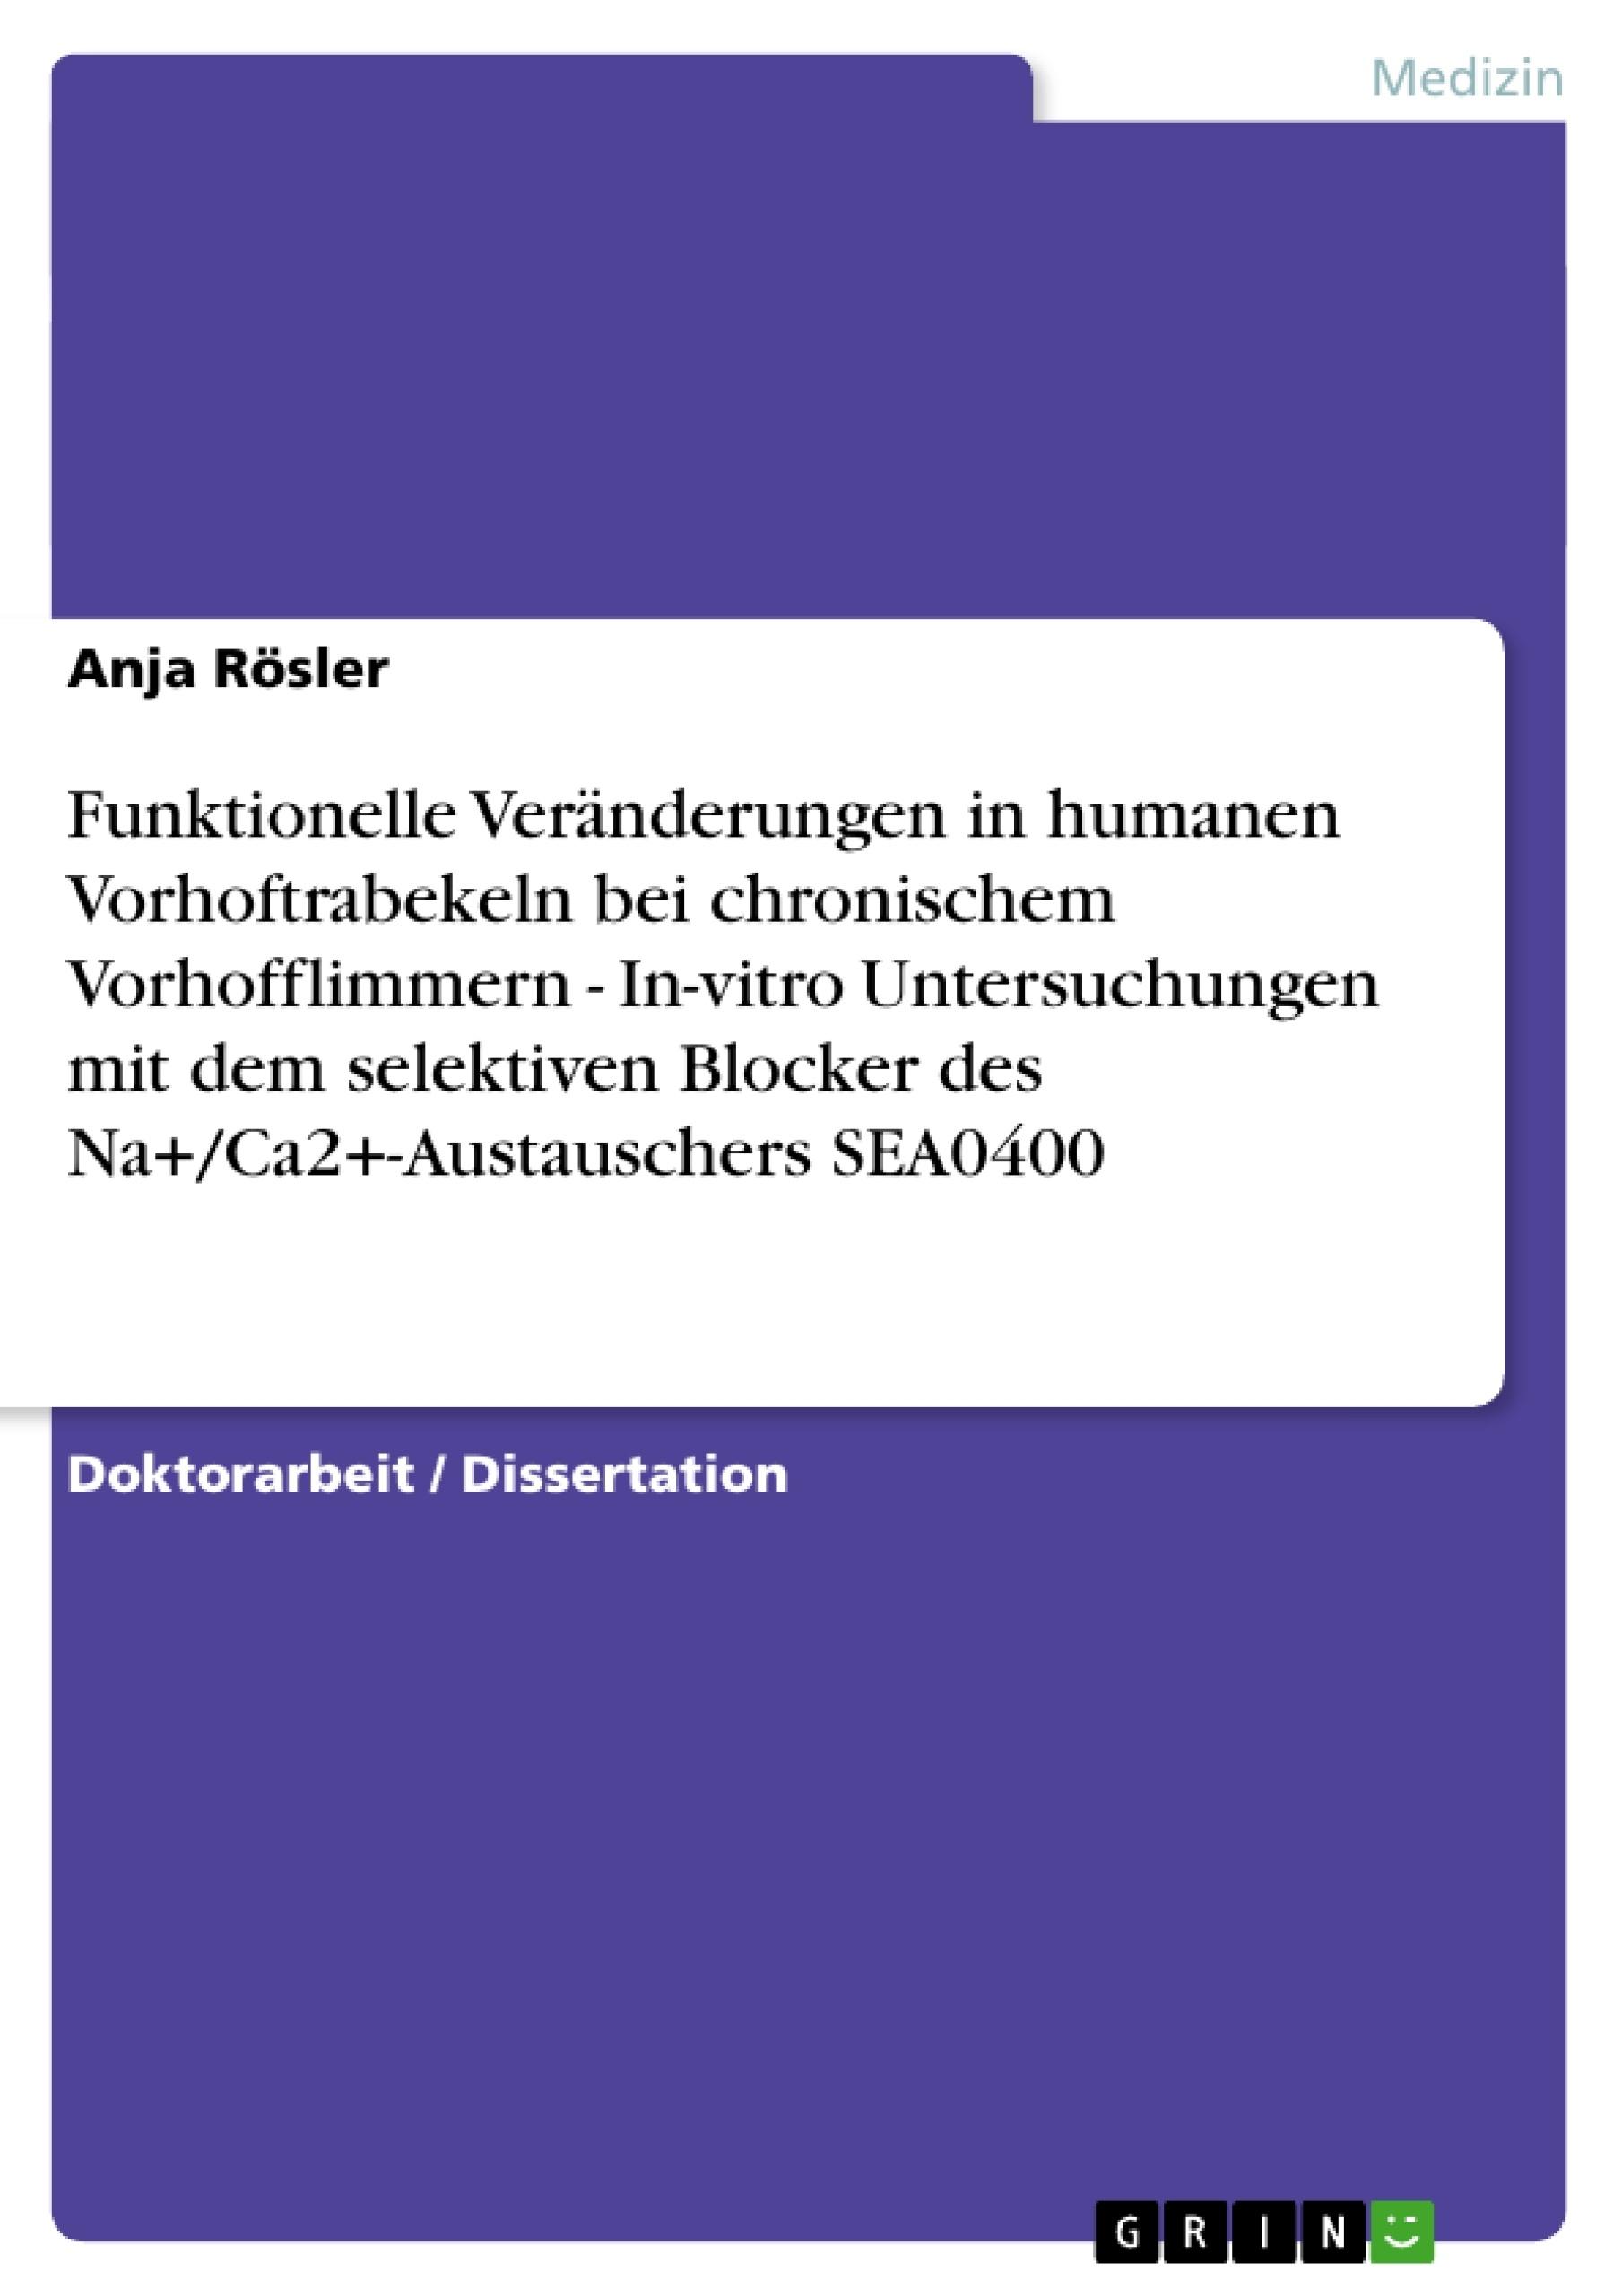 Titel: Funktionelle Veränderungen in humanen Vorhoftrabekeln bei chronischem Vorhofflimmern - In-vitro Untersuchungen mit dem selektiven Blocker des Na+/Ca2+-Austauschers SEA0400